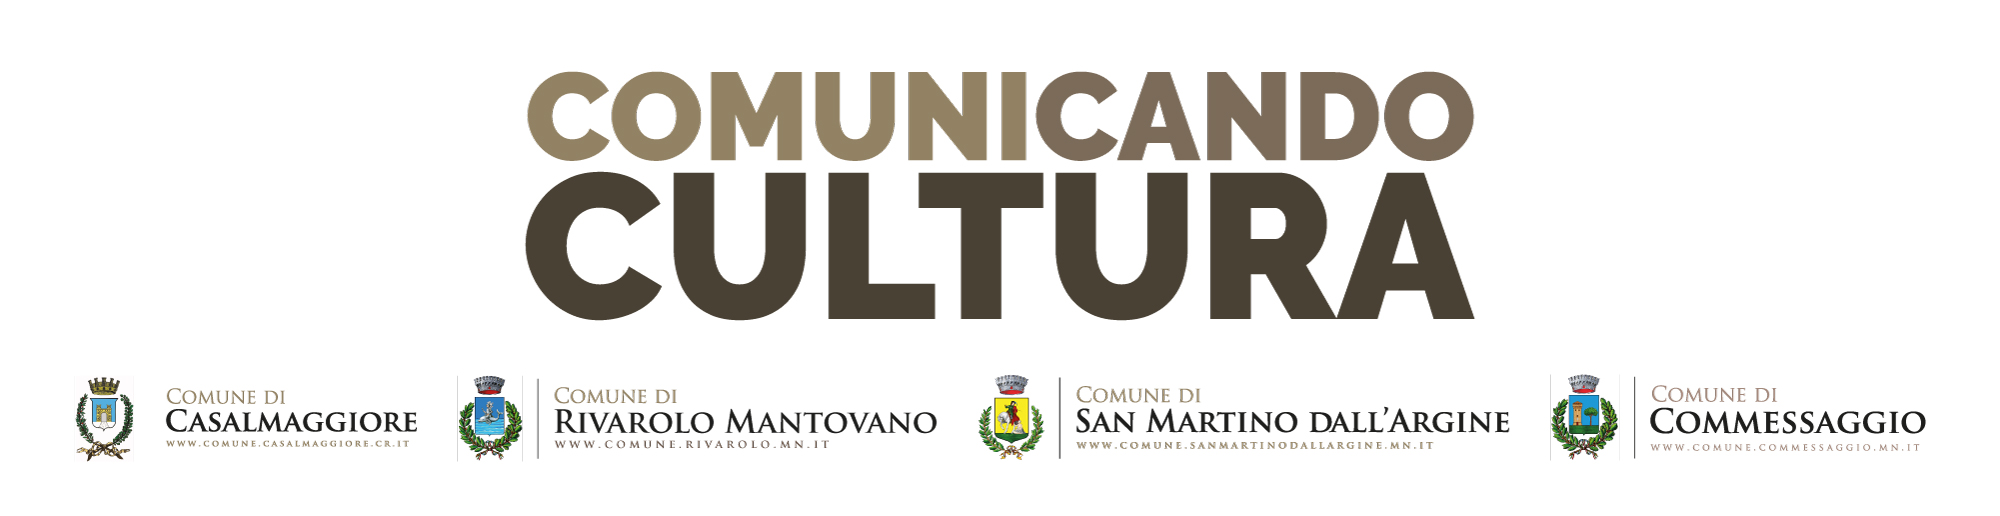 Comunicando Cultura